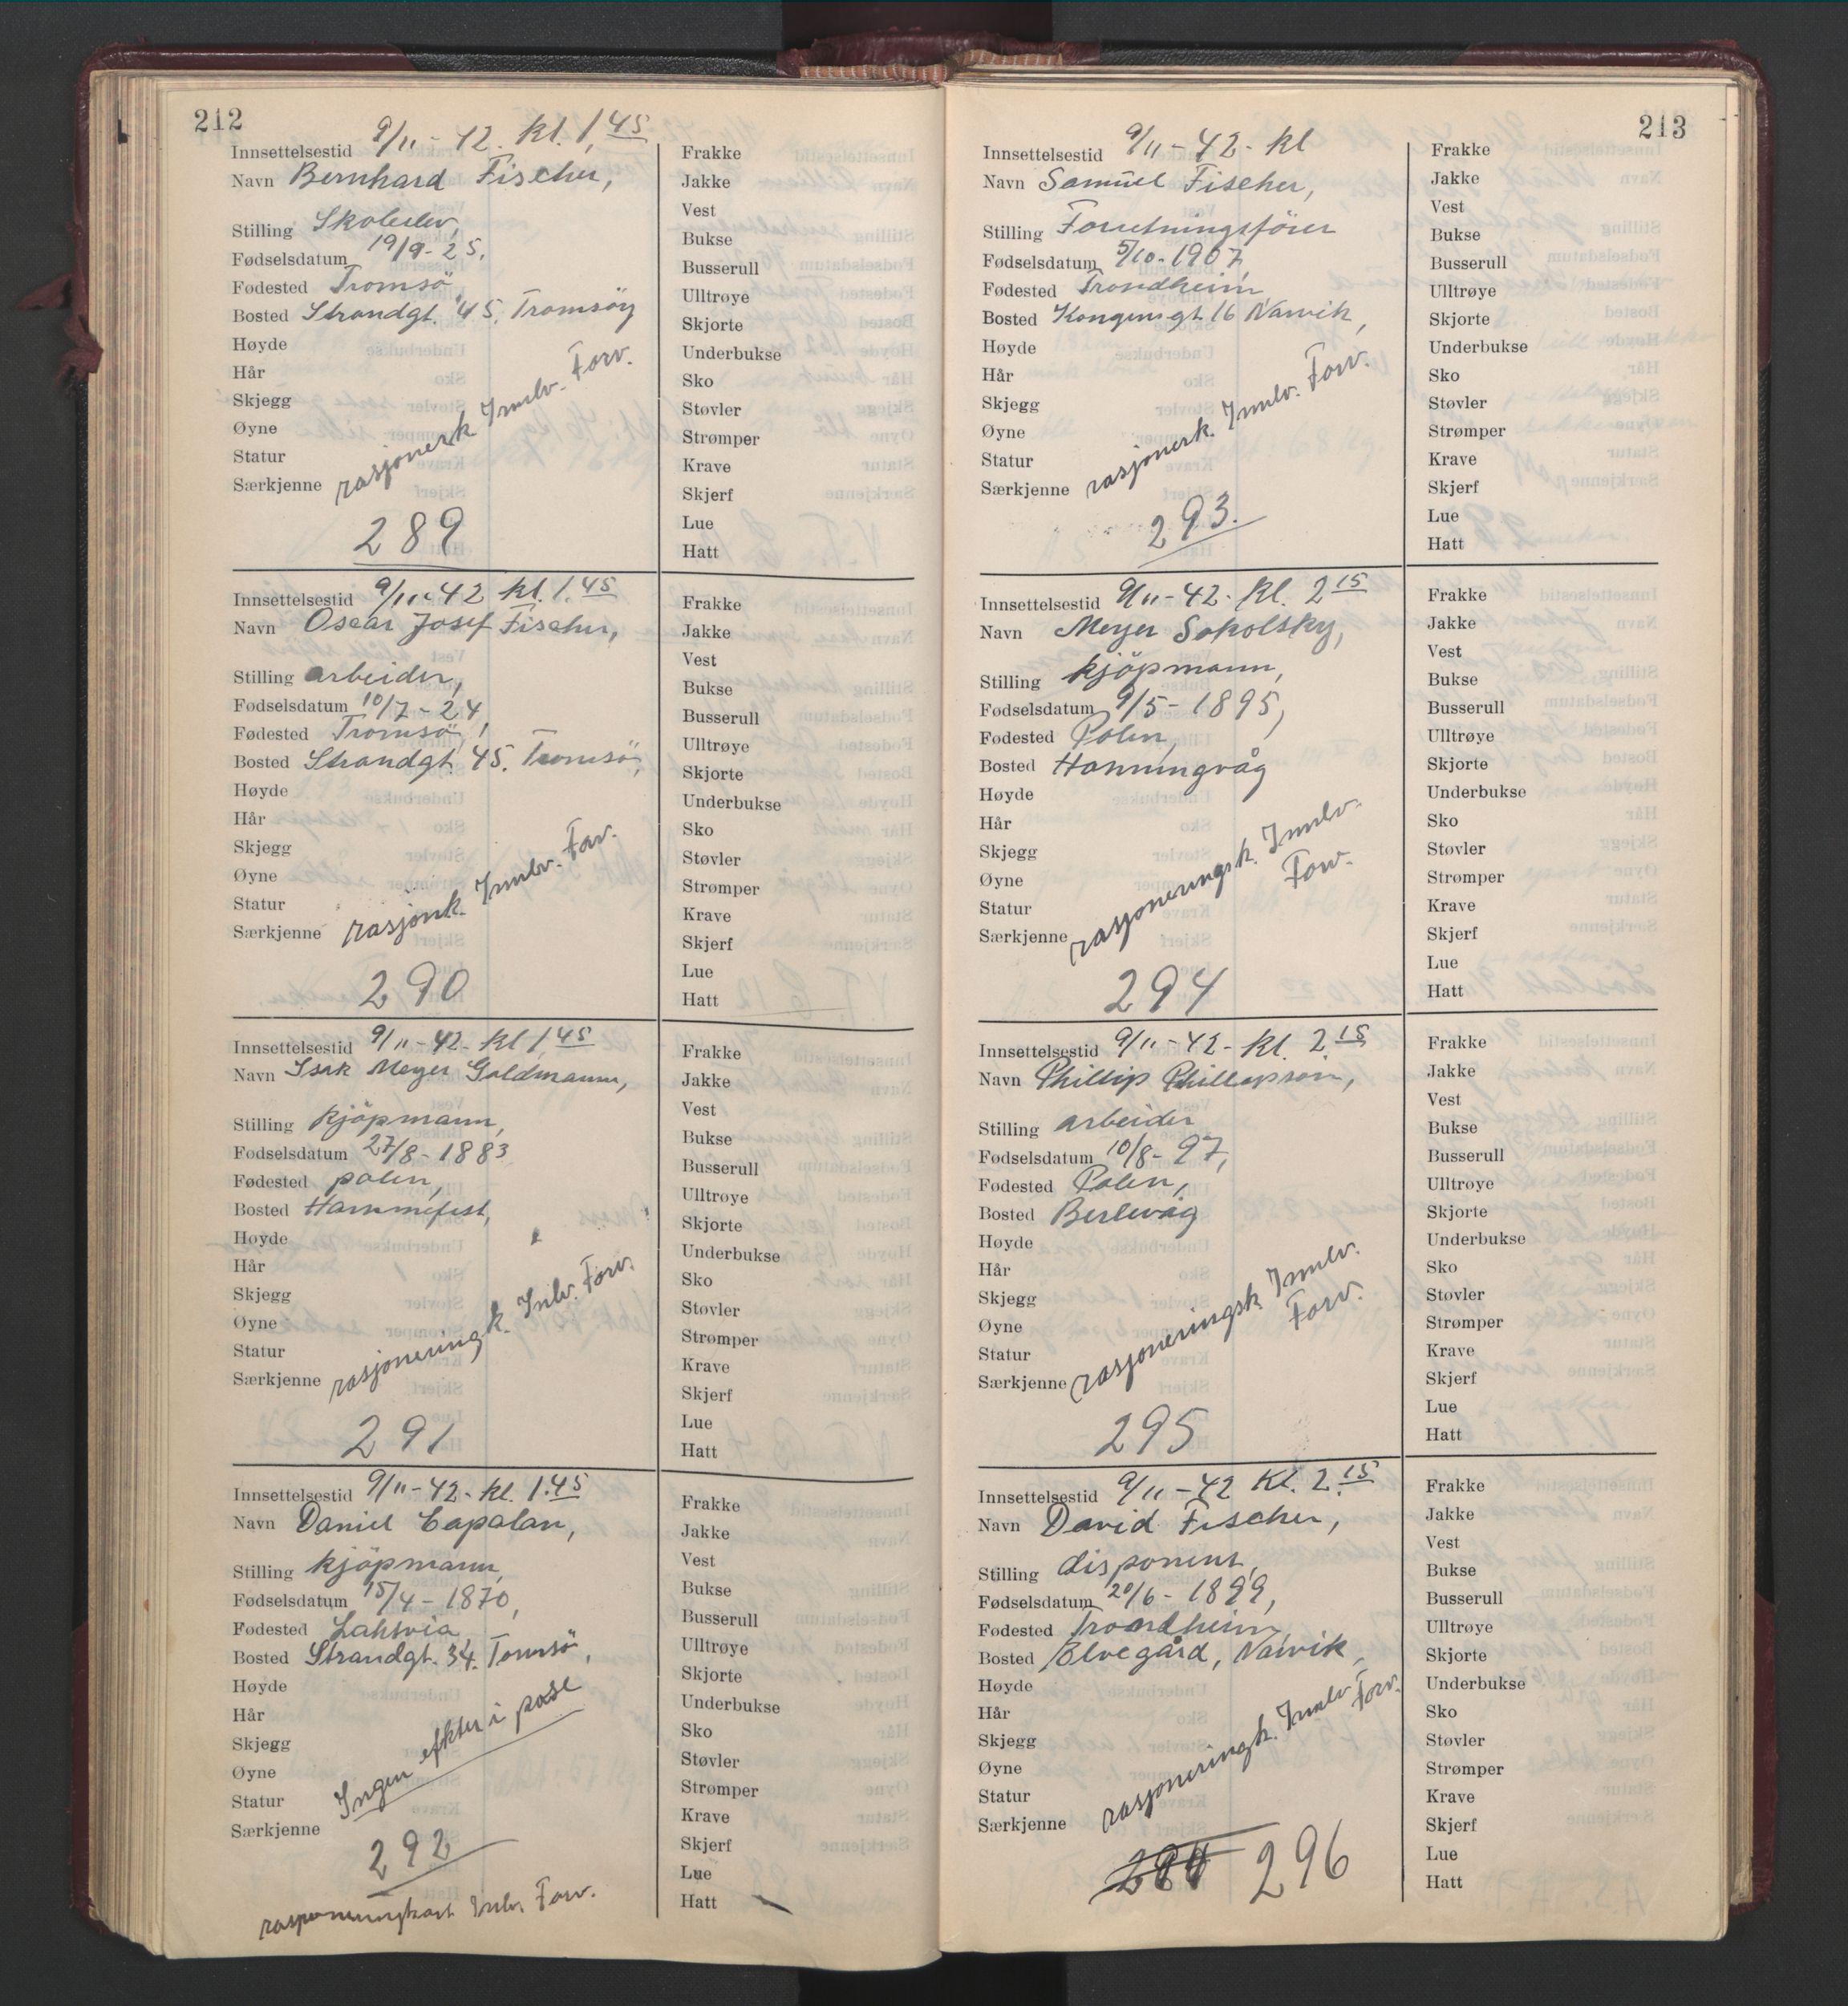 RA, Statspolitiet - Hovedkontoret / Osloavdelingen, C/Cl/L0014: Mottagelsesprotokoll, 1941-1944, s. 212-213